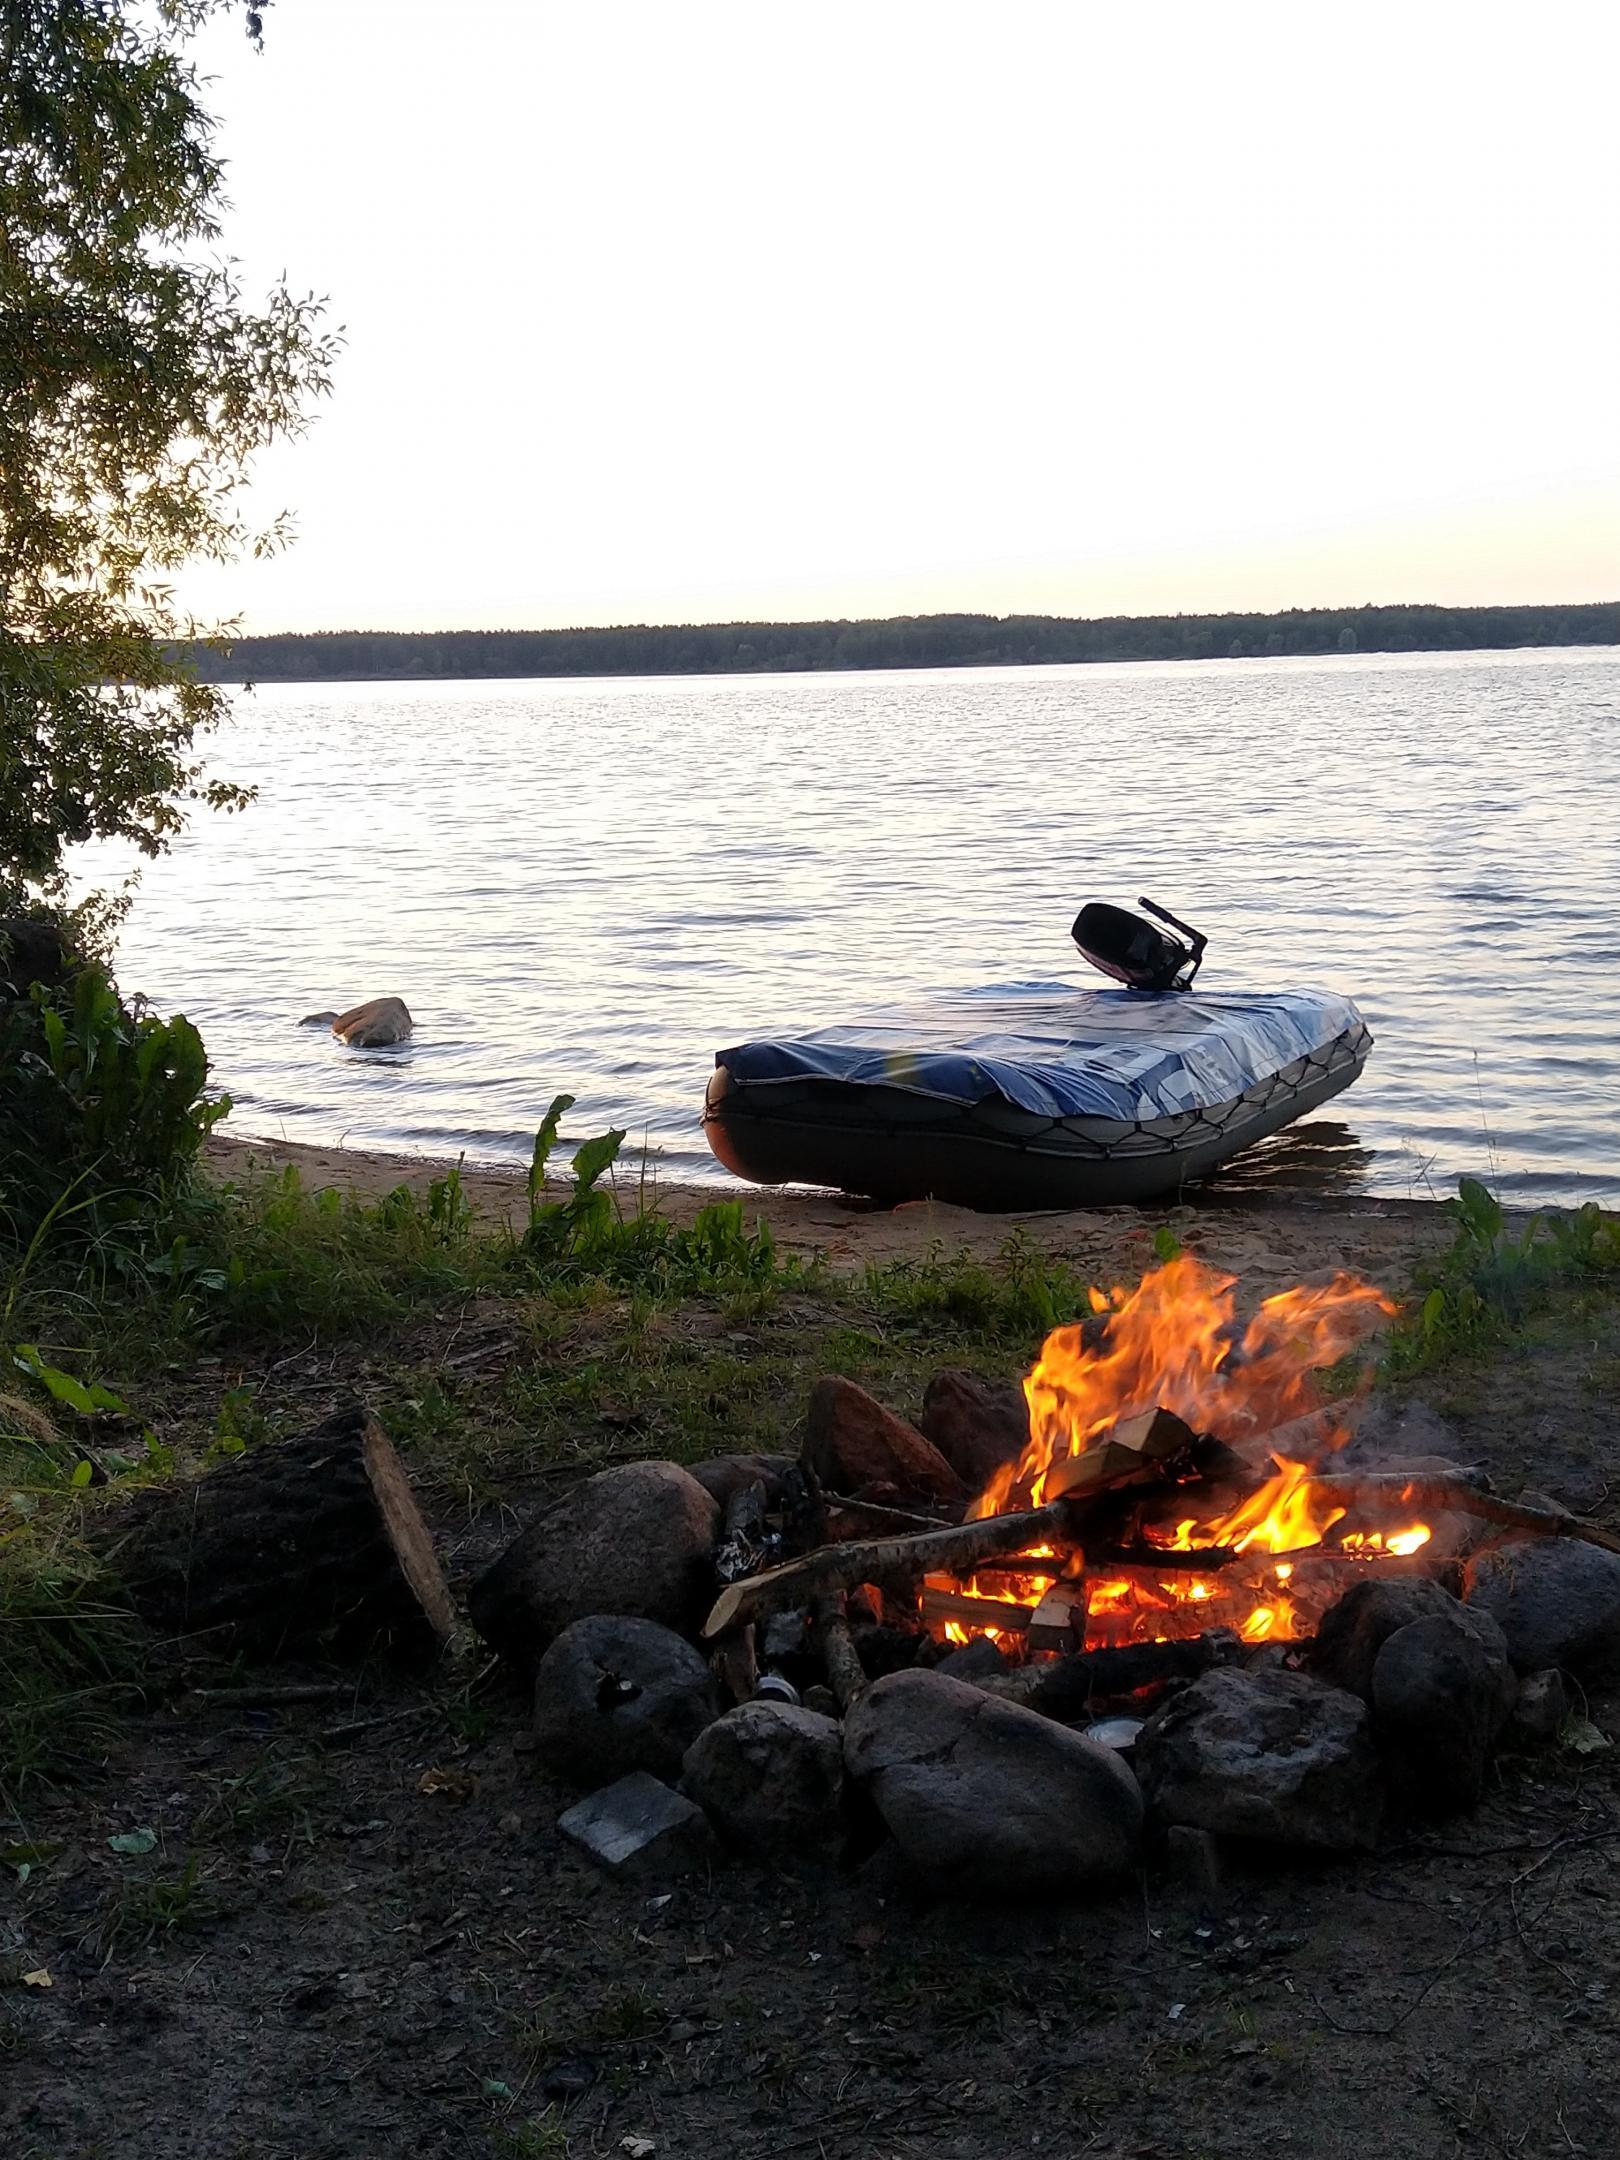 Побывали на ВВ с ночёвкой - отдохнуть и ... | Отчеты о рыбалке в Беларуси